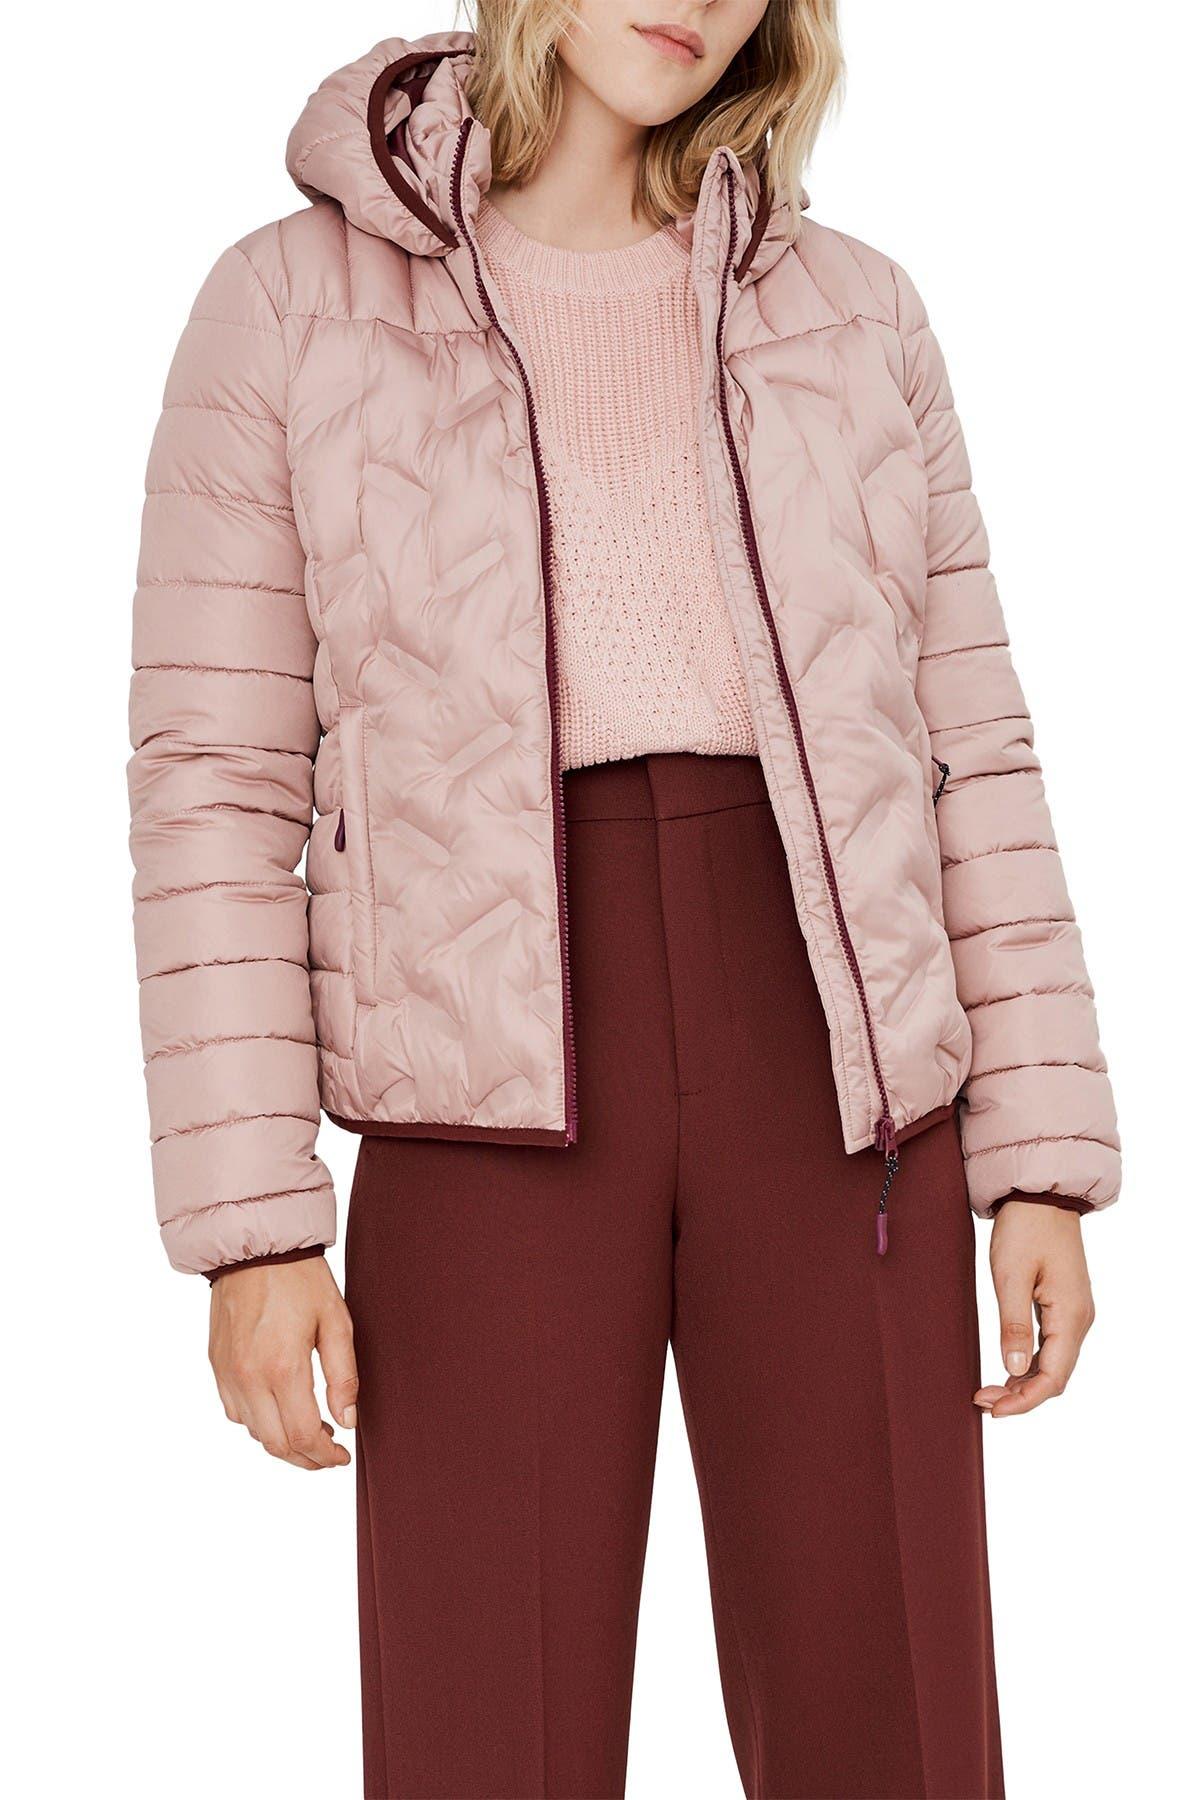 Image of NOIZE Emma Lightweight Jacket